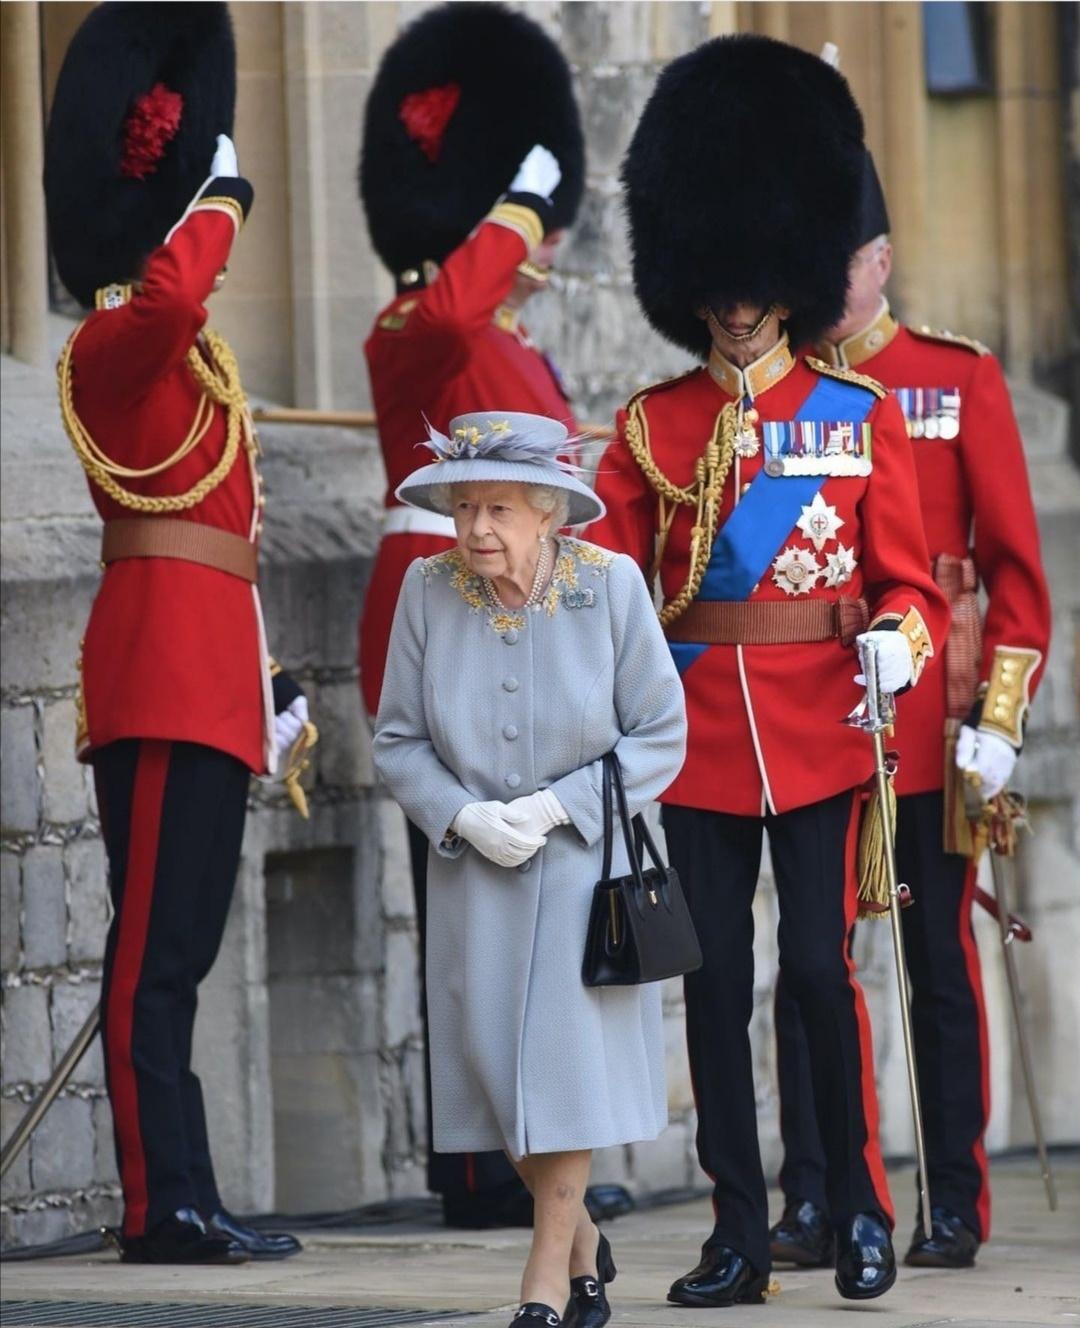 الملكة تشاهد الحراس في يوم الإحتفال- الصورة من حساب dreams link على إنستغرام